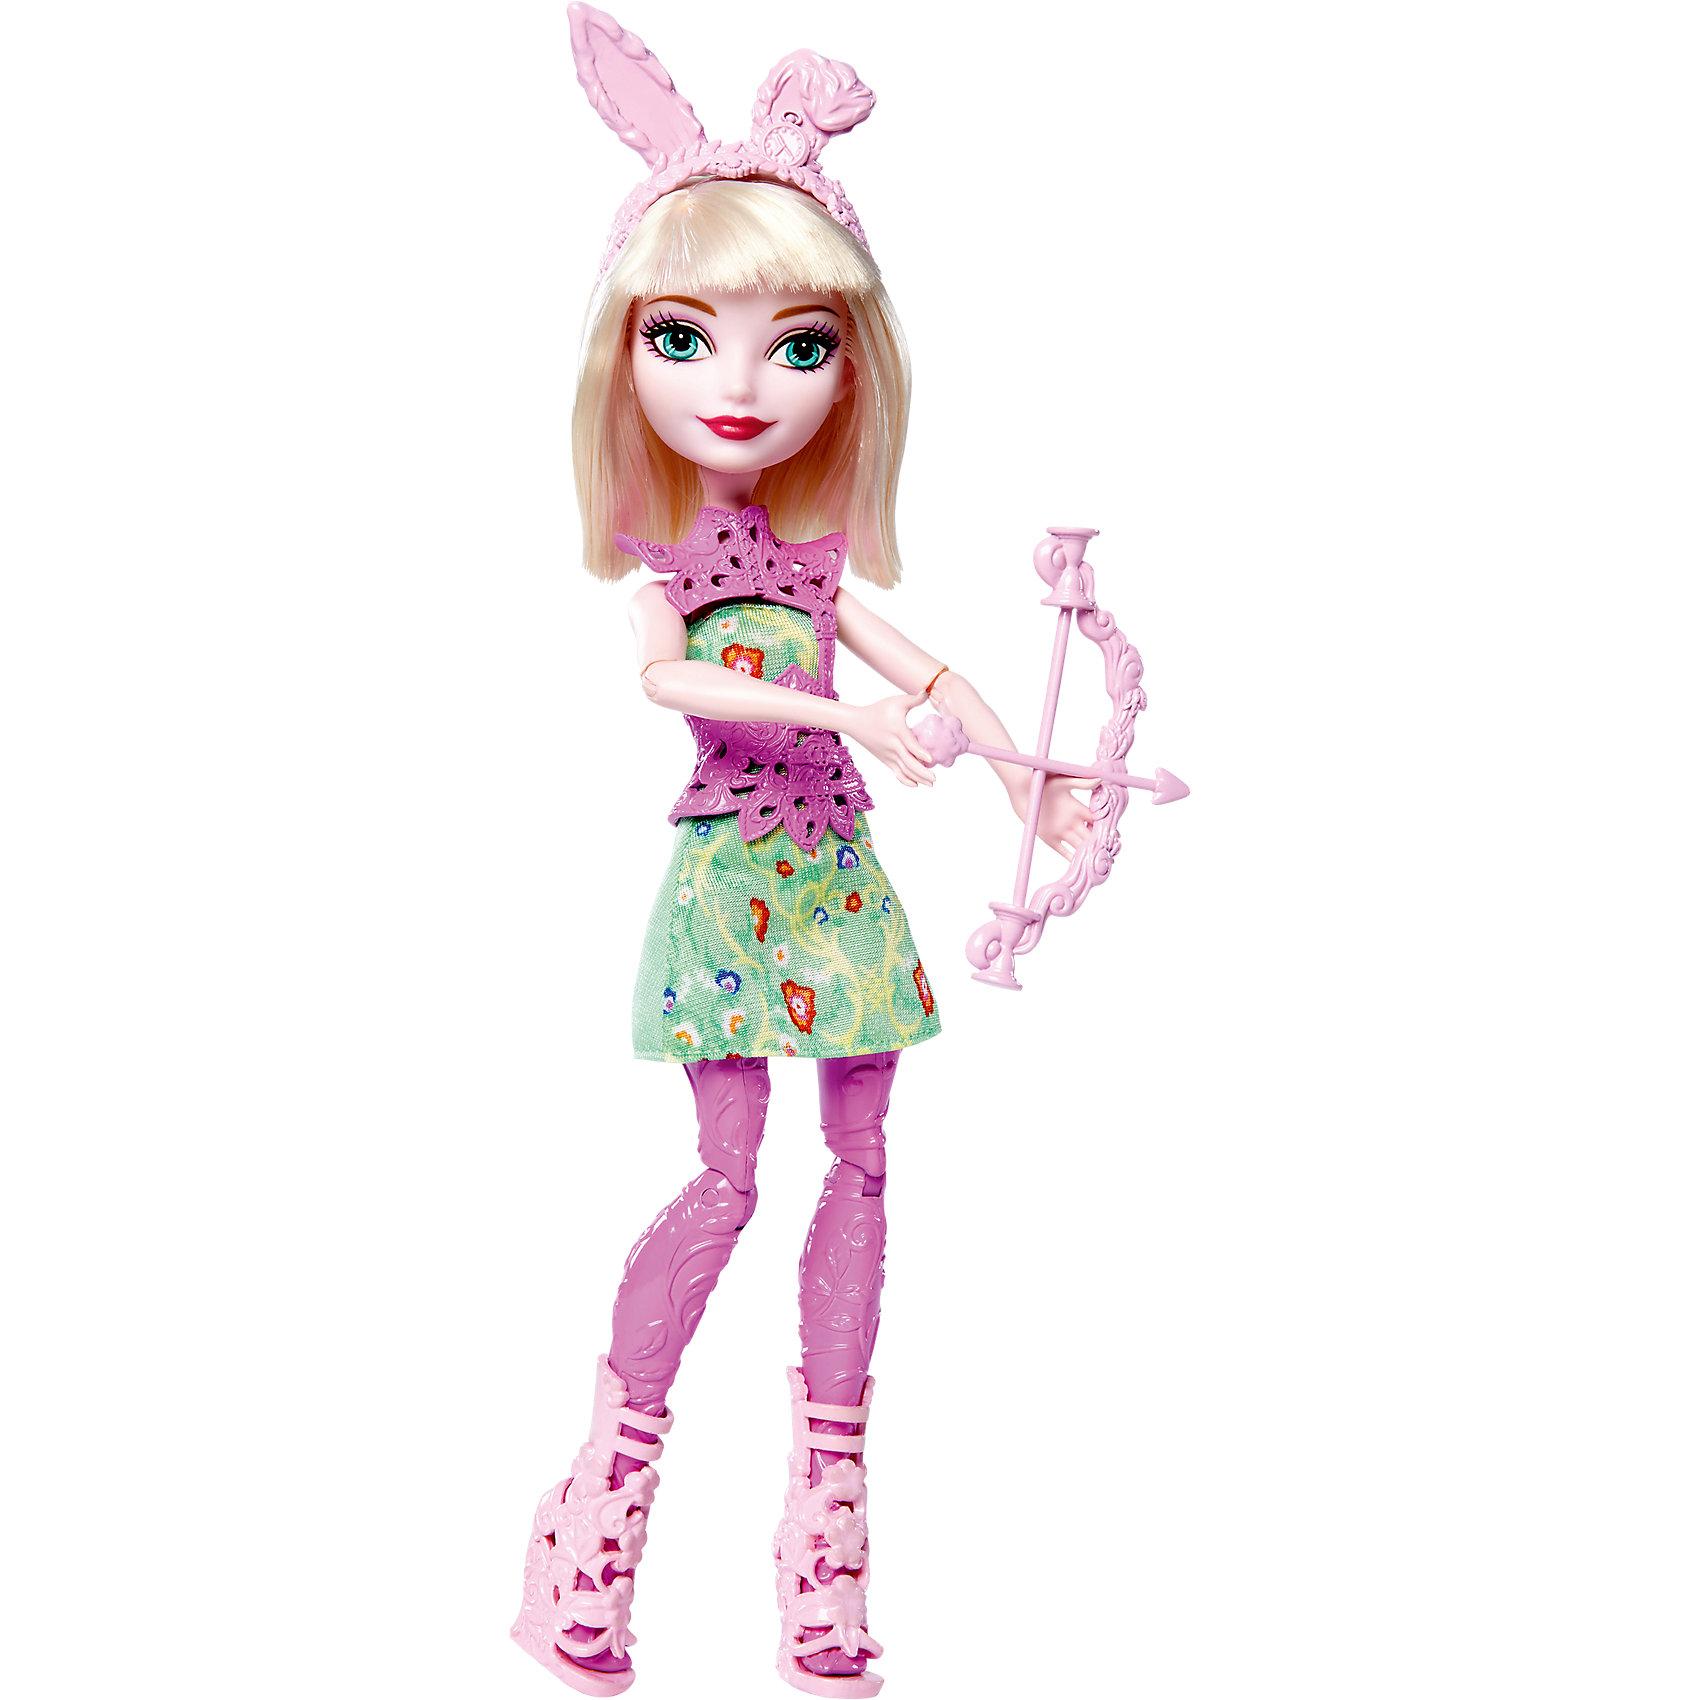 Кукла лучница Банни Бланк, Ever After HighБренды кукол<br>Кукла лучница Банни Бланк, Ever After High.<br><br>Характеристики:<br><br>• В комплекте: кукла-лучница Ever After High в модной одежде и аксессуарах, с луком и стрелой<br>• Высота куклы: 26 см.<br>• Материал: пластик<br>• Упаковка: блистер<br>• Размер упаковки: 33x26x5 см.<br><br>Придумывай невероятные сюжеты с куклой лучницей Банни Бланк из школы Ever After High, которая решила научиться стрельбе из лука! Кукла держит в руках очаровательный лук со стрелой. Банни Бланк одета в платье с цветочным узором. <br><br>Дополняют наряд потрясающие босоножки, стильный защитный жилет и ободок с ушками. Ножки куклы сделаны из пластика сиреневого цвета с фактурой, имитирующей ткань леггинсов. У куклы светлые волосы, большие выразительные глаза и милая улыбка. Руки и ноги подвижны: сгибаются колени, локти и кисти.<br><br>Куклу лучницу Банни Бланк, Ever After High можно купить в нашем интернет-магазине.<br><br>Ширина мм: 328<br>Глубина мм: 155<br>Высота мм: 50<br>Вес г: 167<br>Возраст от месяцев: 72<br>Возраст до месяцев: 120<br>Пол: Женский<br>Возраст: Детский<br>SKU: 5257101